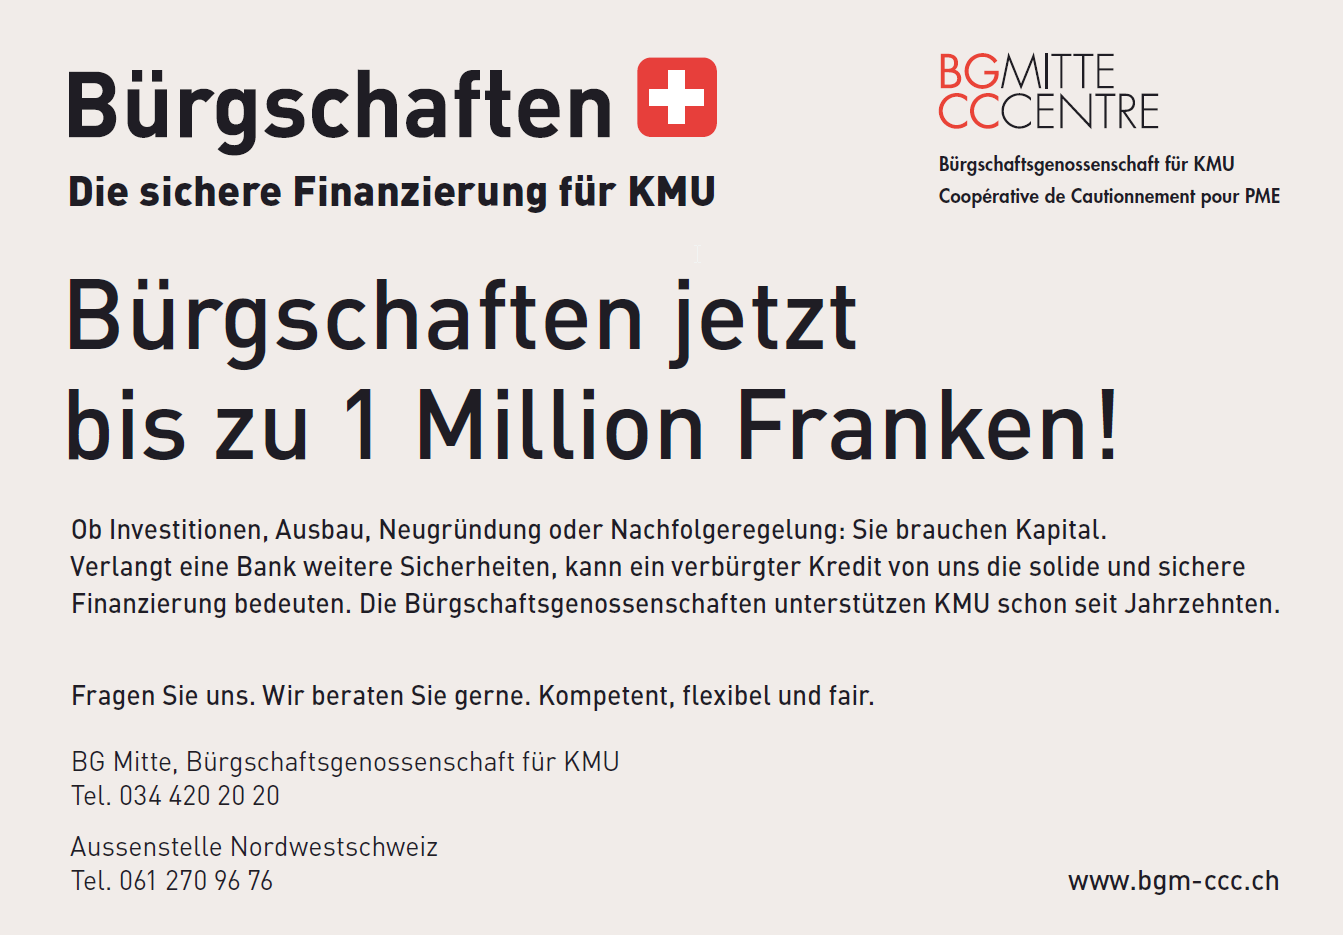 Bürgschaften für KMU jetzt bis zu 1 Million Franken